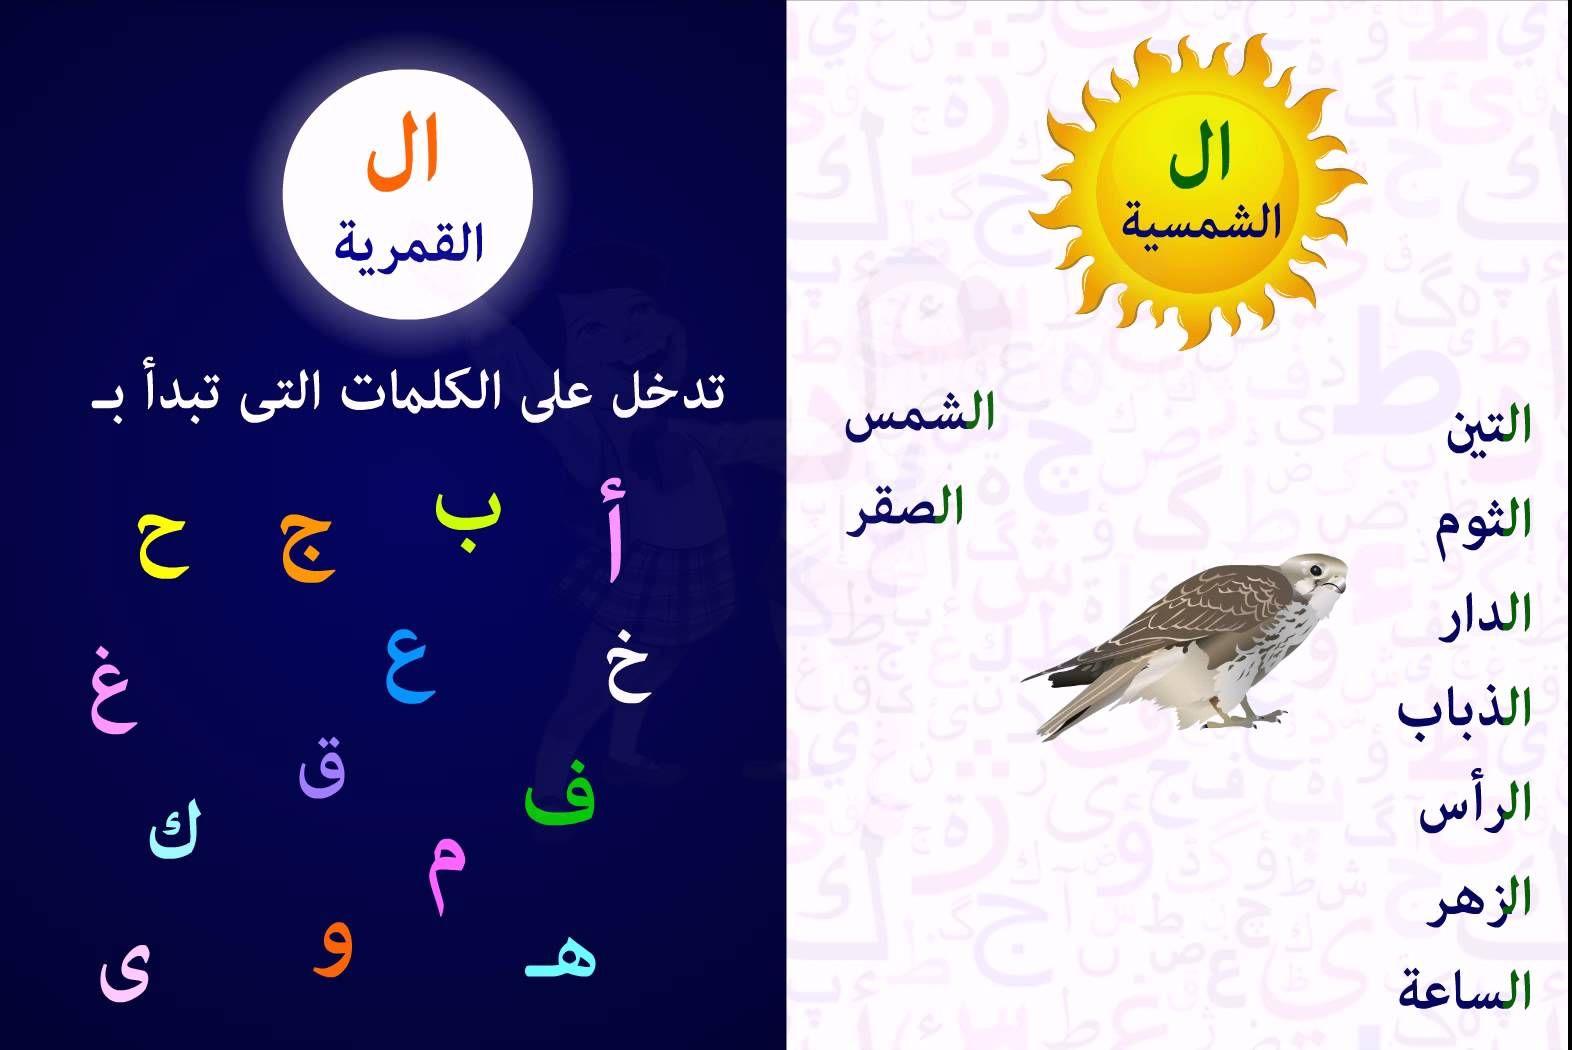 ال القمرية وال الشمسية Arabic Kids Arabic Alphabet For Kids Learn Arabic Alphabet